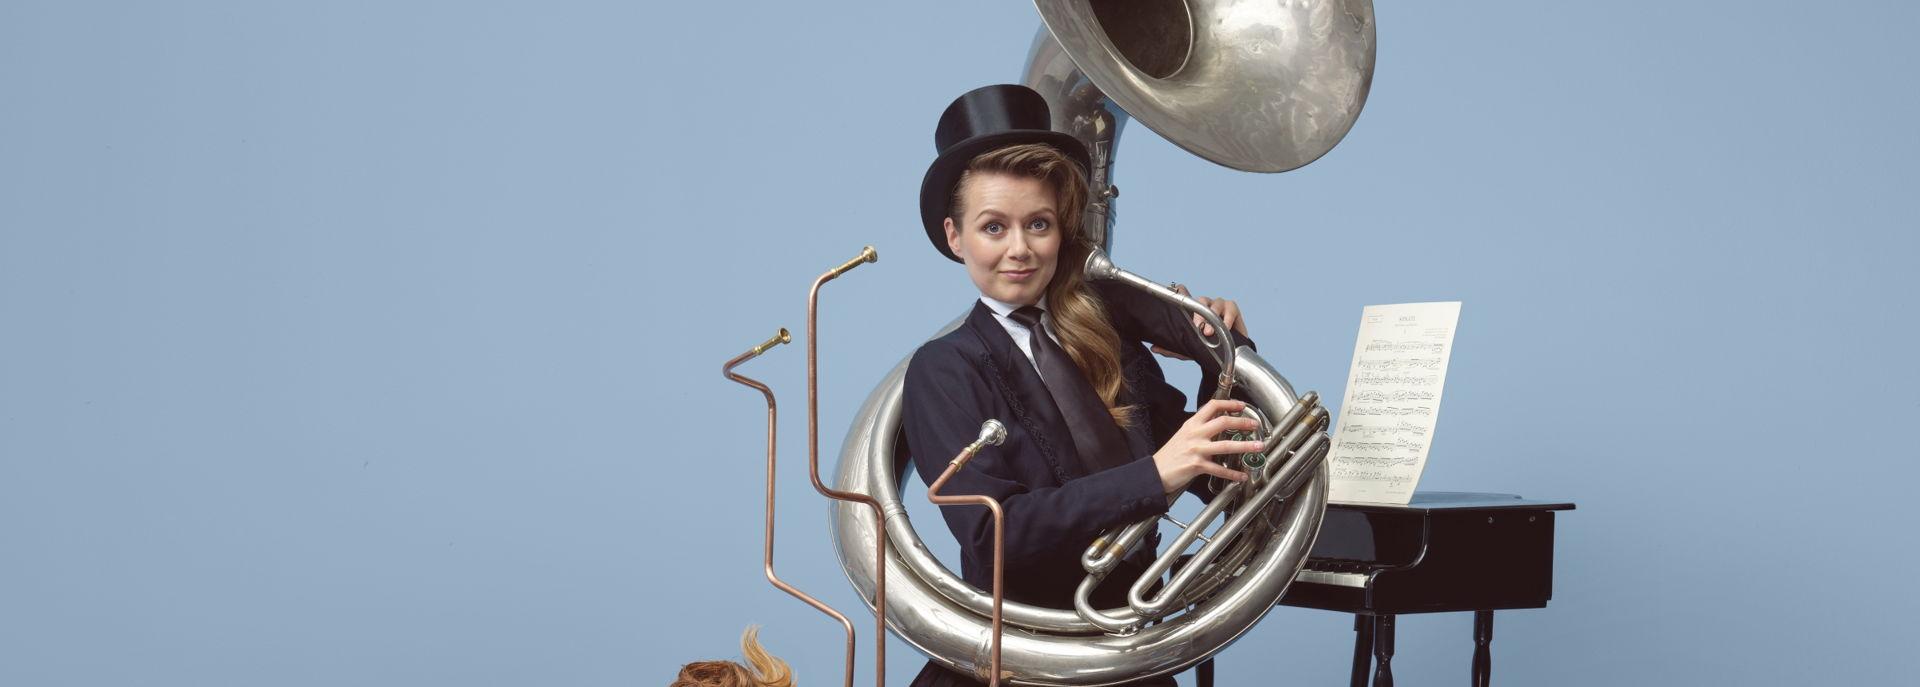 Maartje & Kine overrompelen u met gepassioneerde virtuositeit, instrumentale acrobatiek, verleidelijke charmes en onuitputtelijk speelplezier. Verwacht magistrale solo's en muzikale sketches met een flinke dosis humor. Zelfs als de wereld vergaat. Want als de nood het hoogst is, is de muziek nabij.